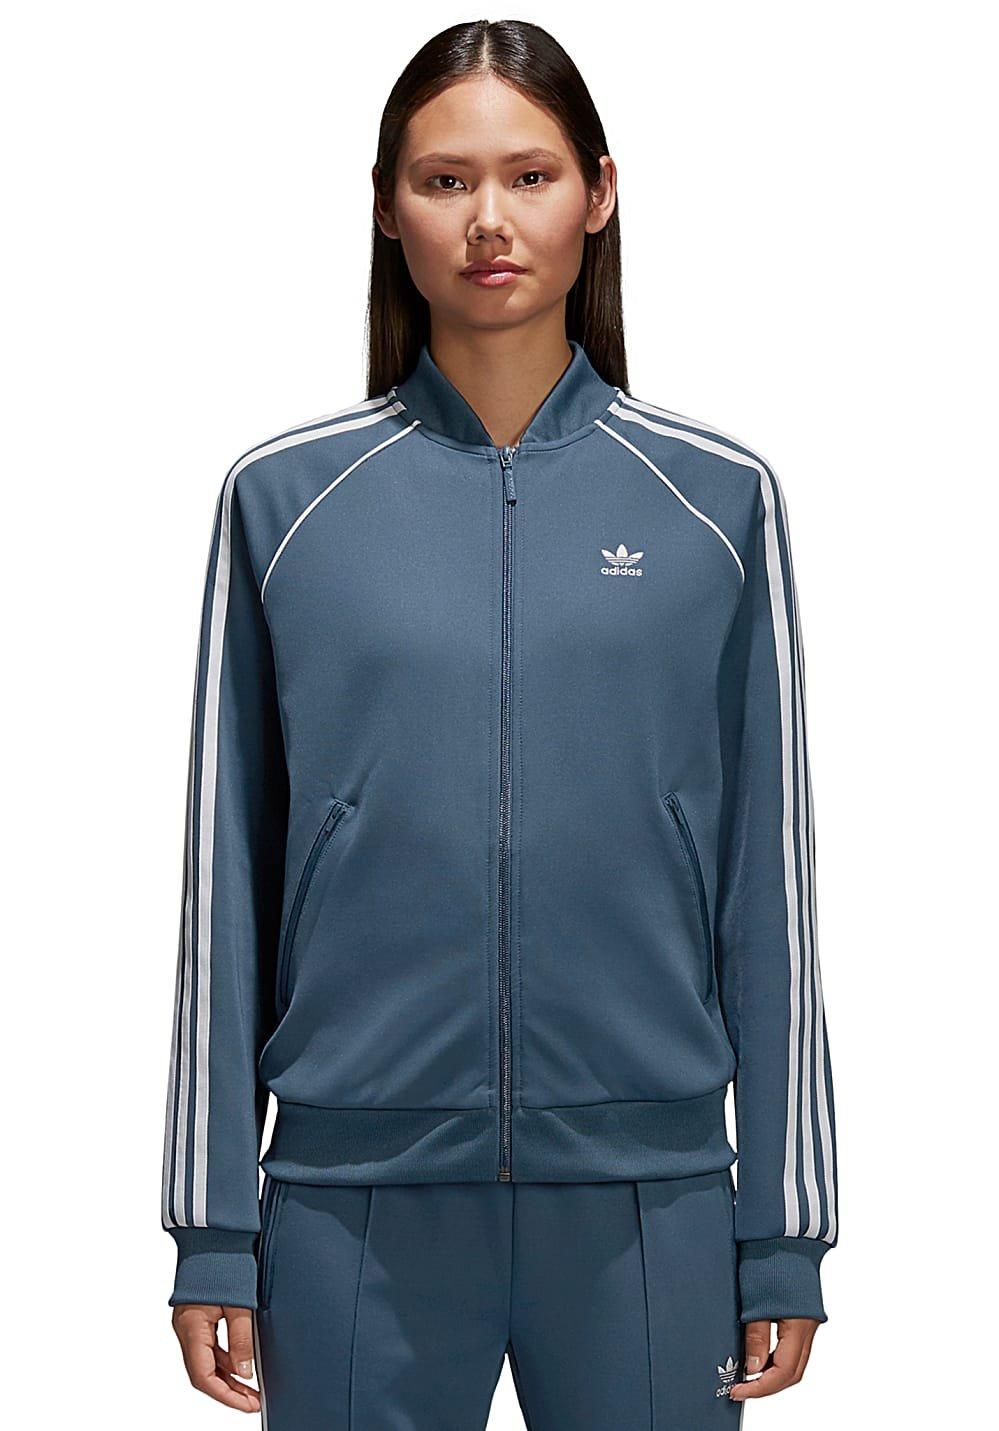 adidas Women's SST Tt Sweatshirt CE2393